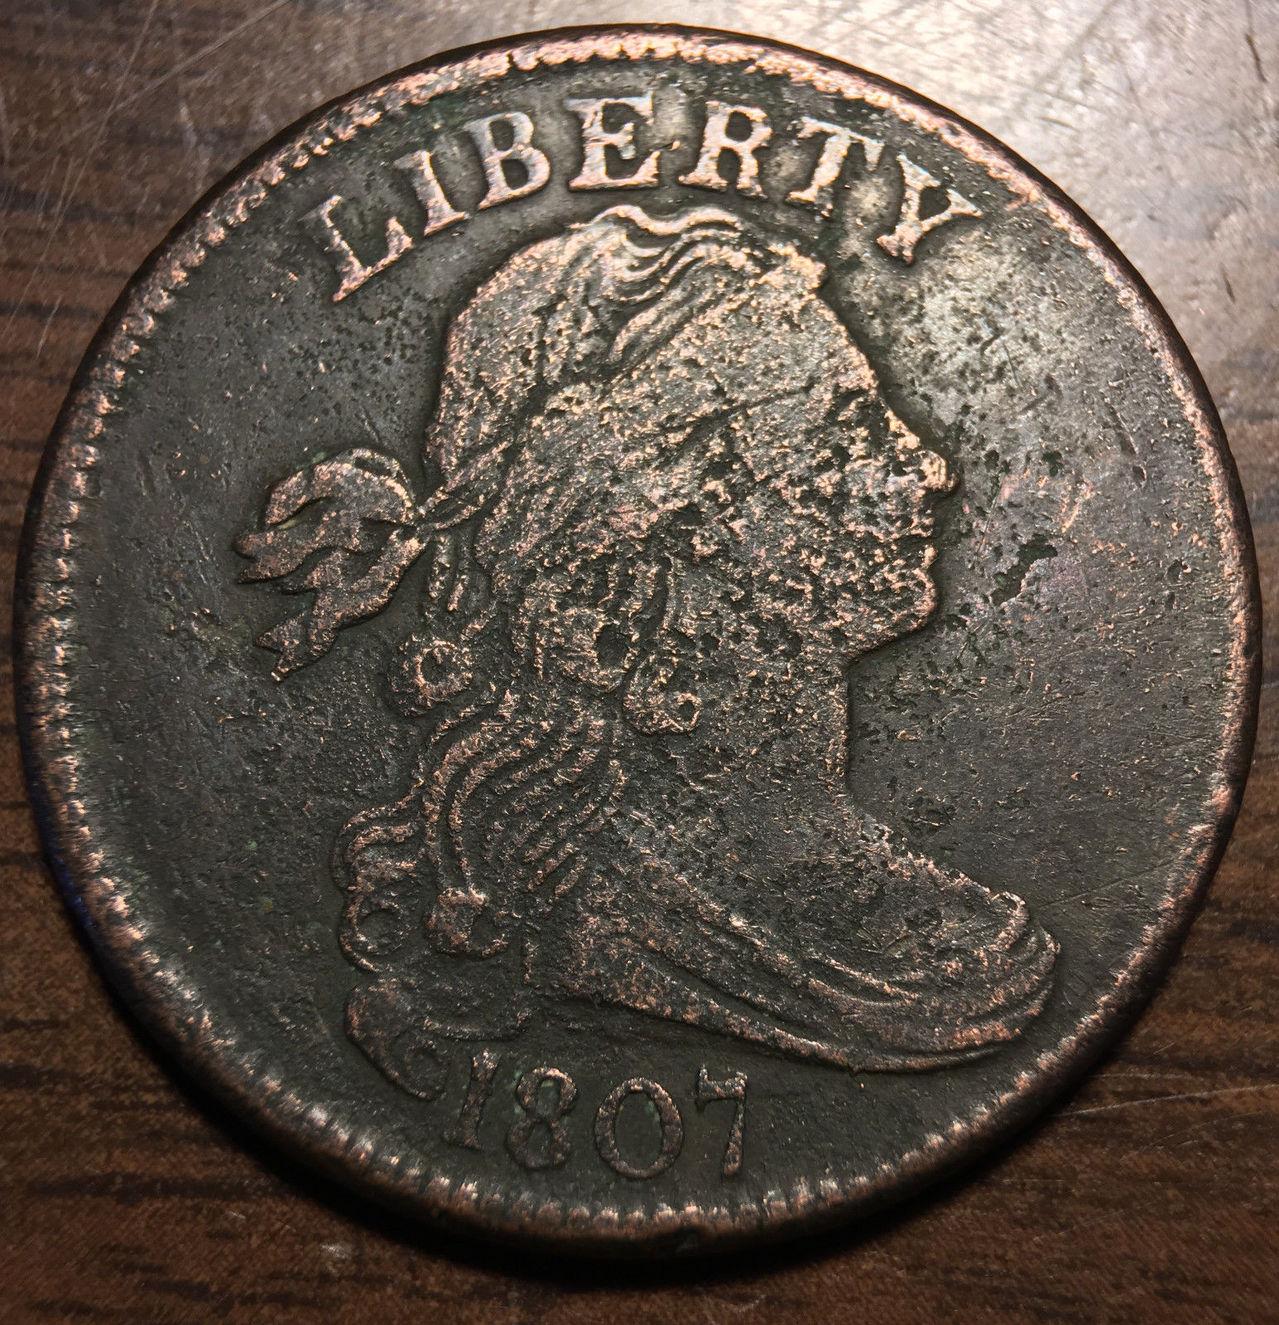 Tipo de moneda Estados Unidos 1807a